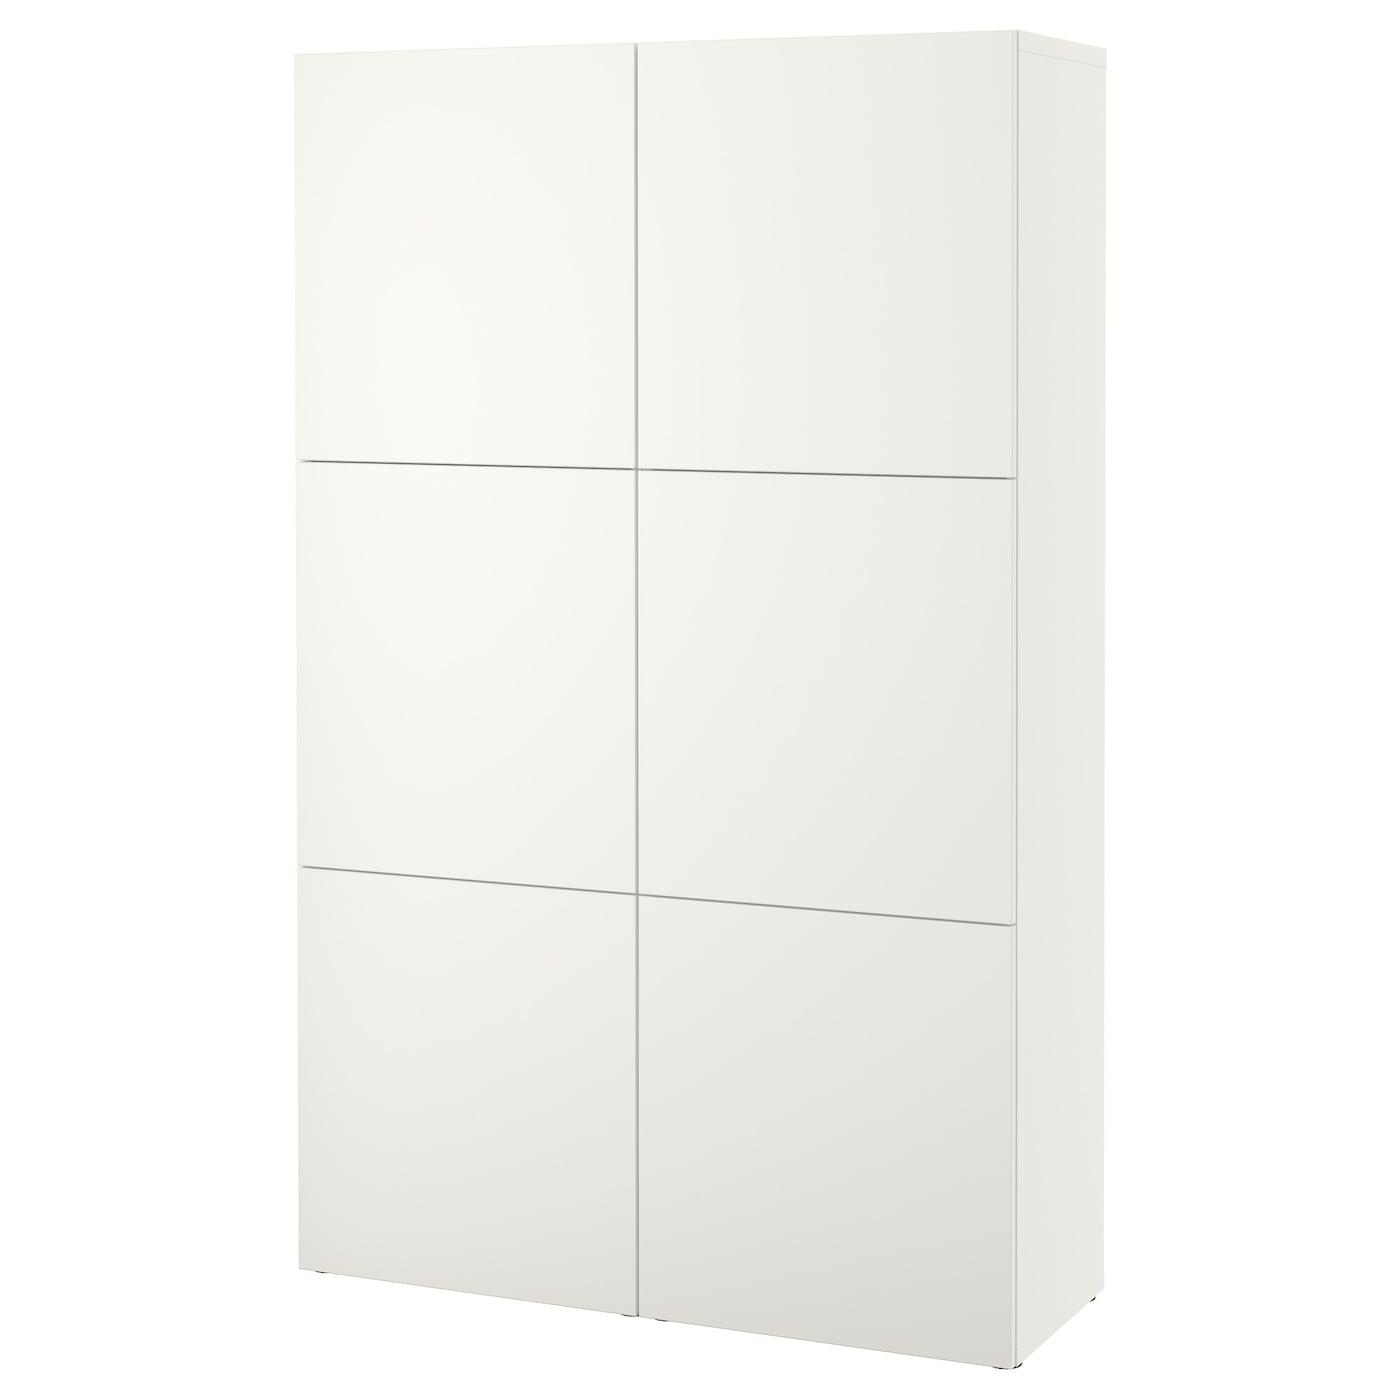 BESTÅ, Aufbewahrung mit Türen, Lappviken weiß, weiß 790.575.26